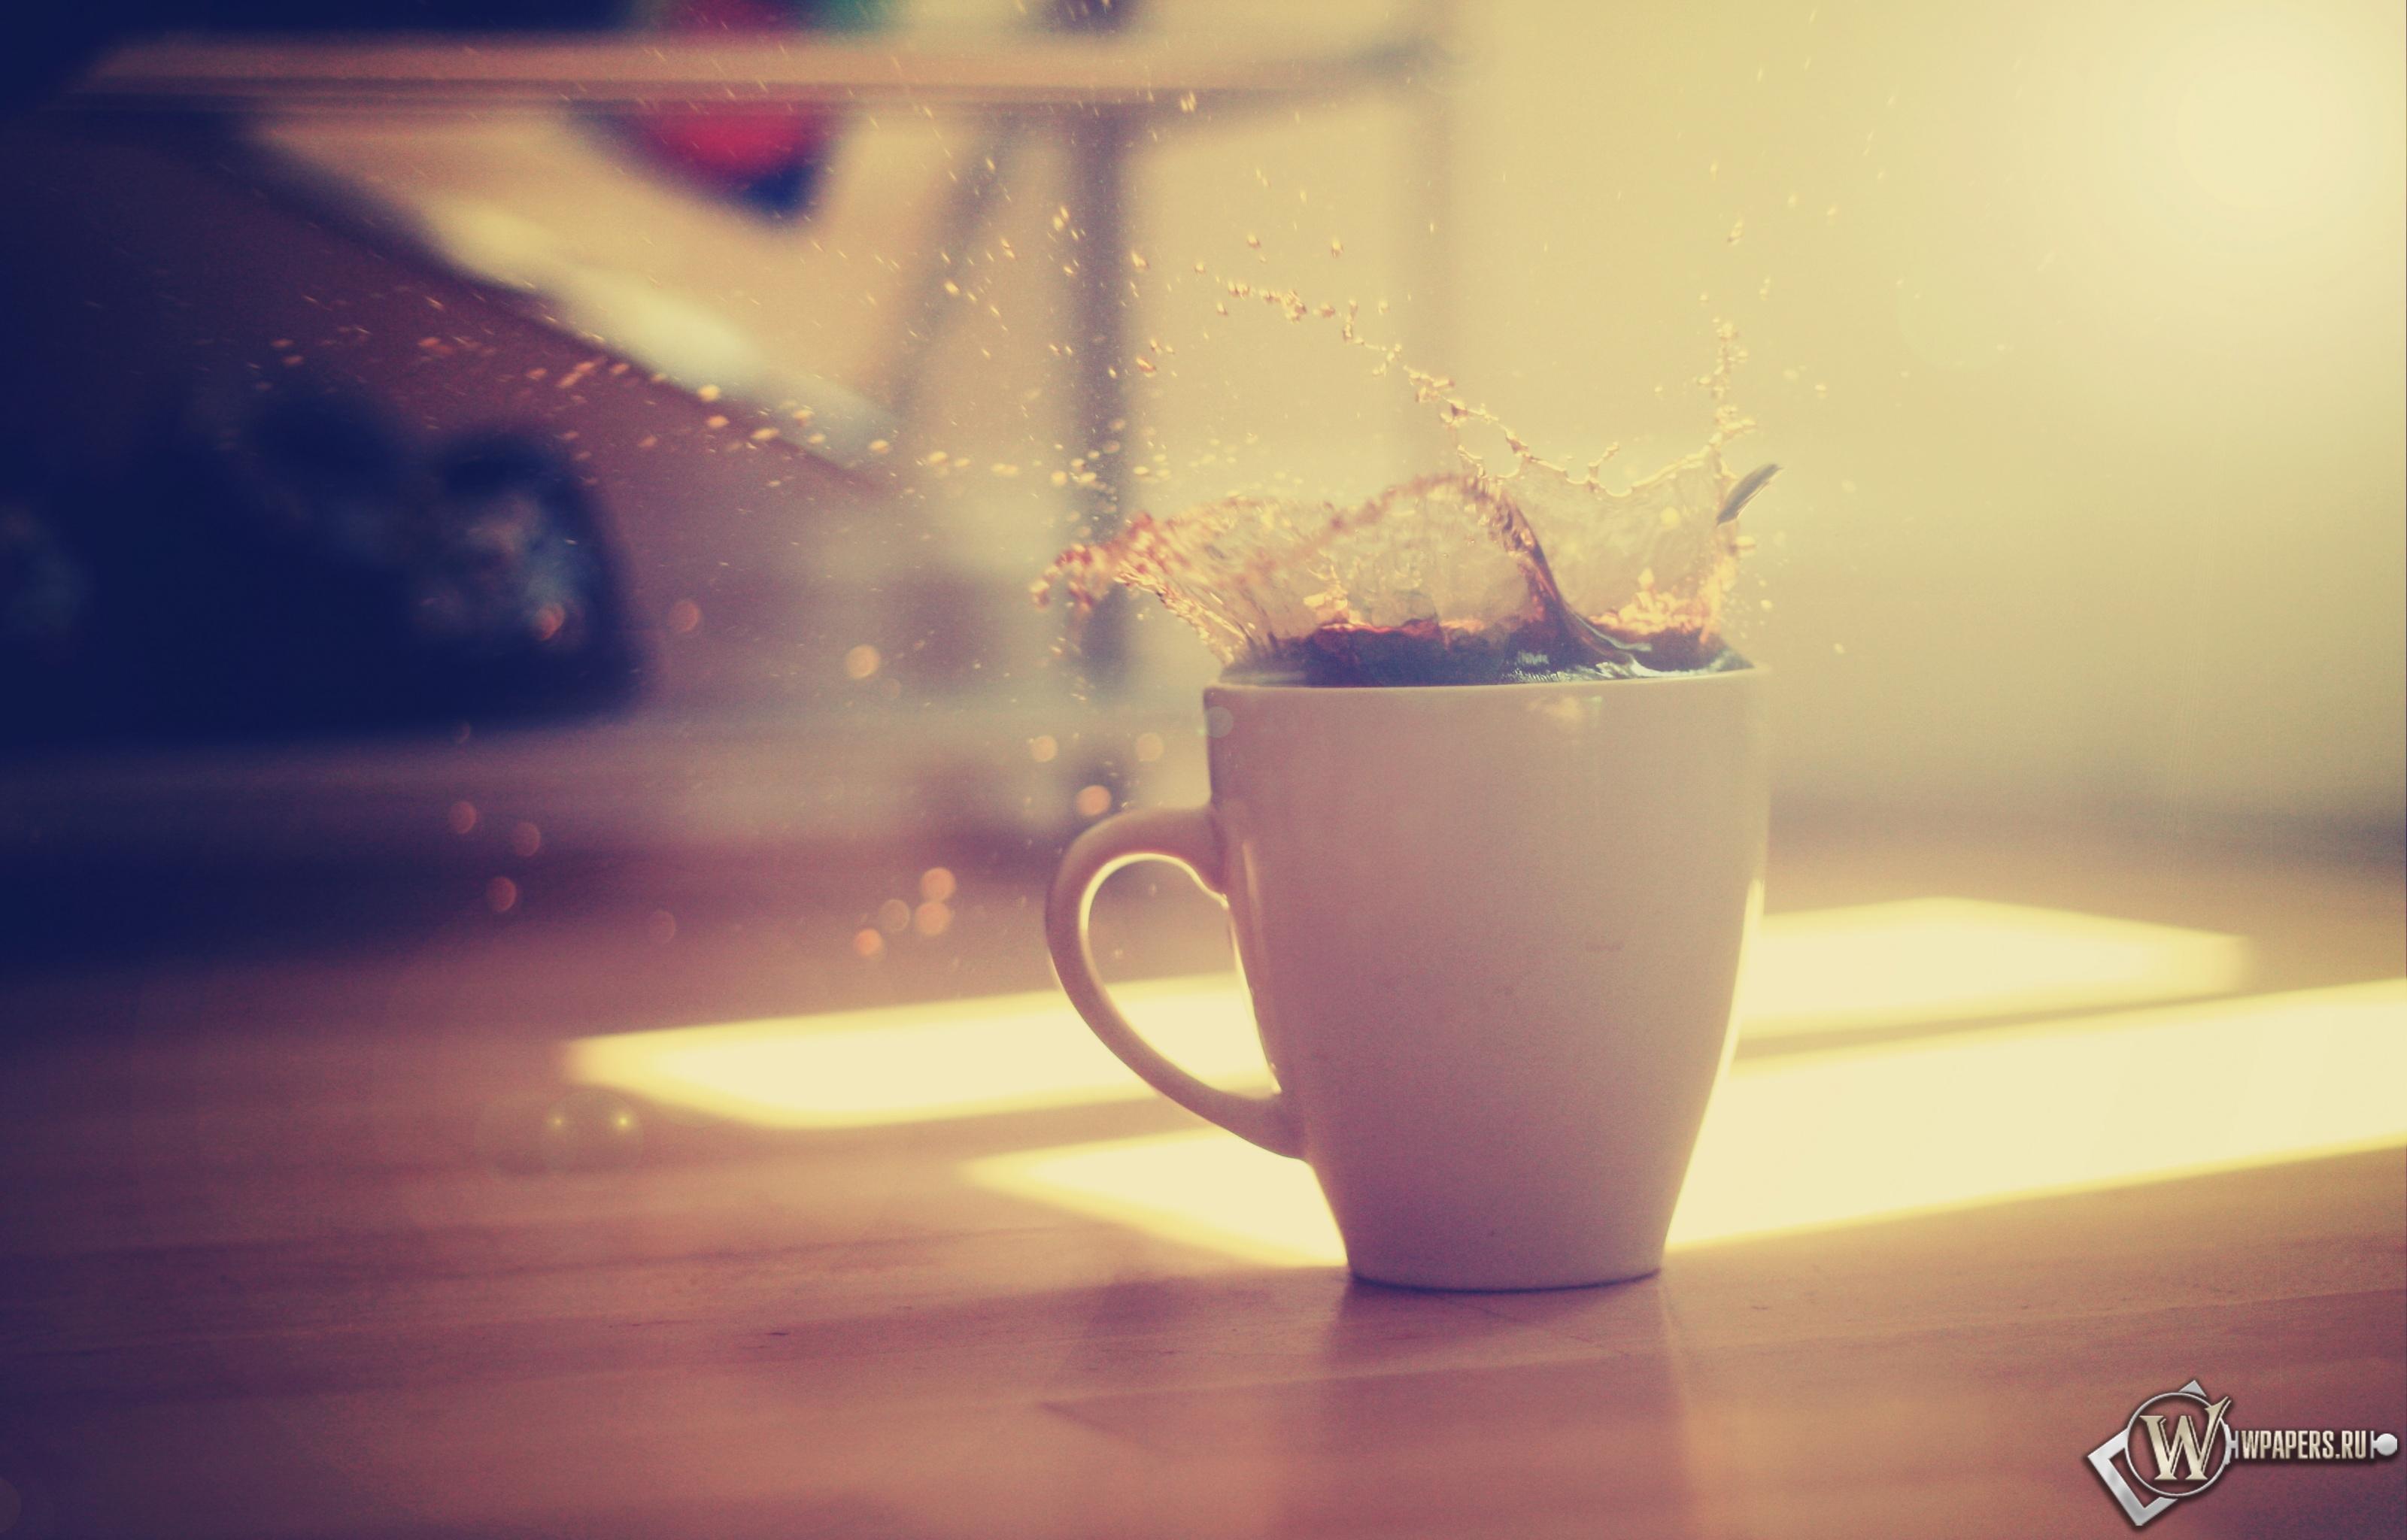 красотка,окно,сидит,кофе  № 418201 бесплатно